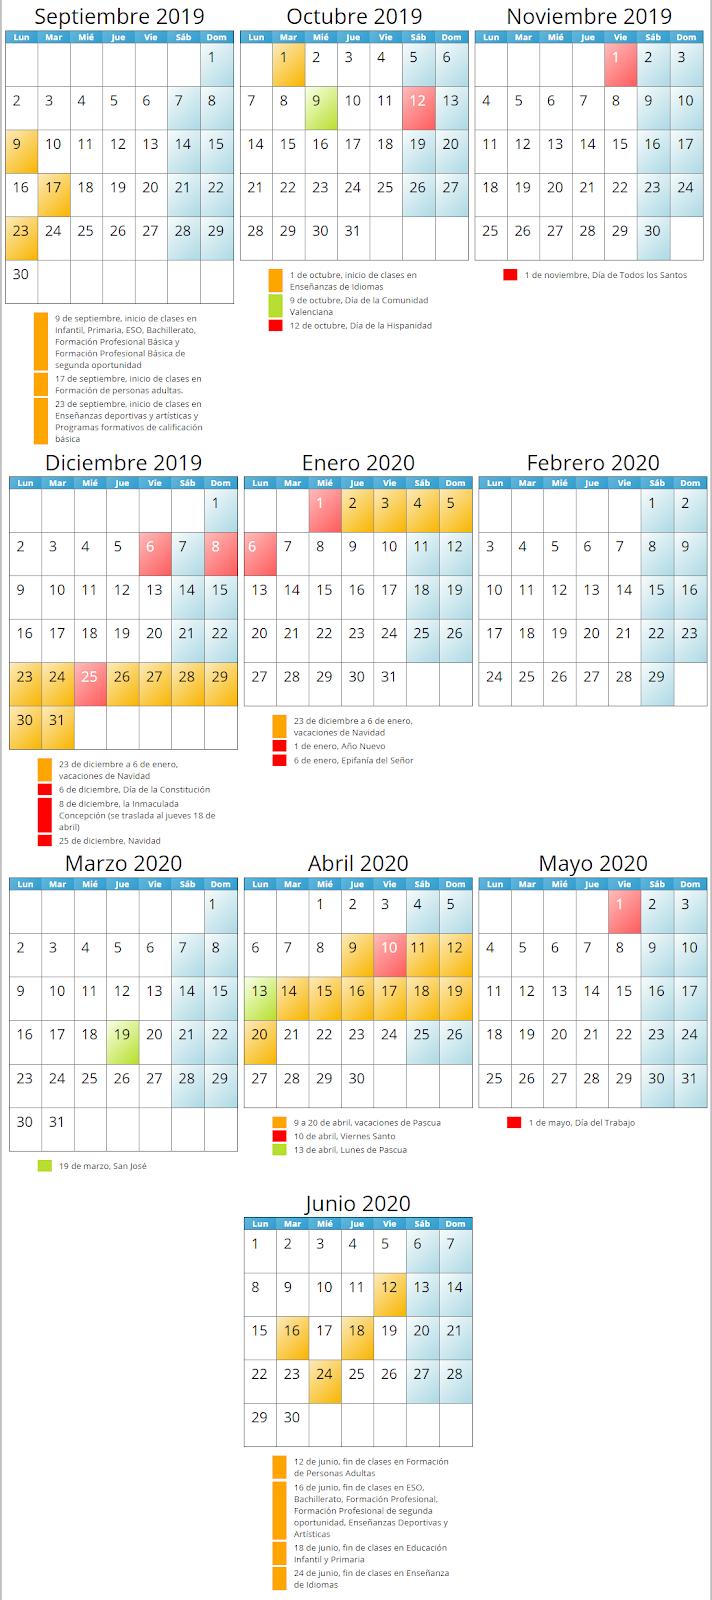 Calendario Escolar Valencia 2020.Ceip Joan Fuster Calendario Escolar 2019 2020